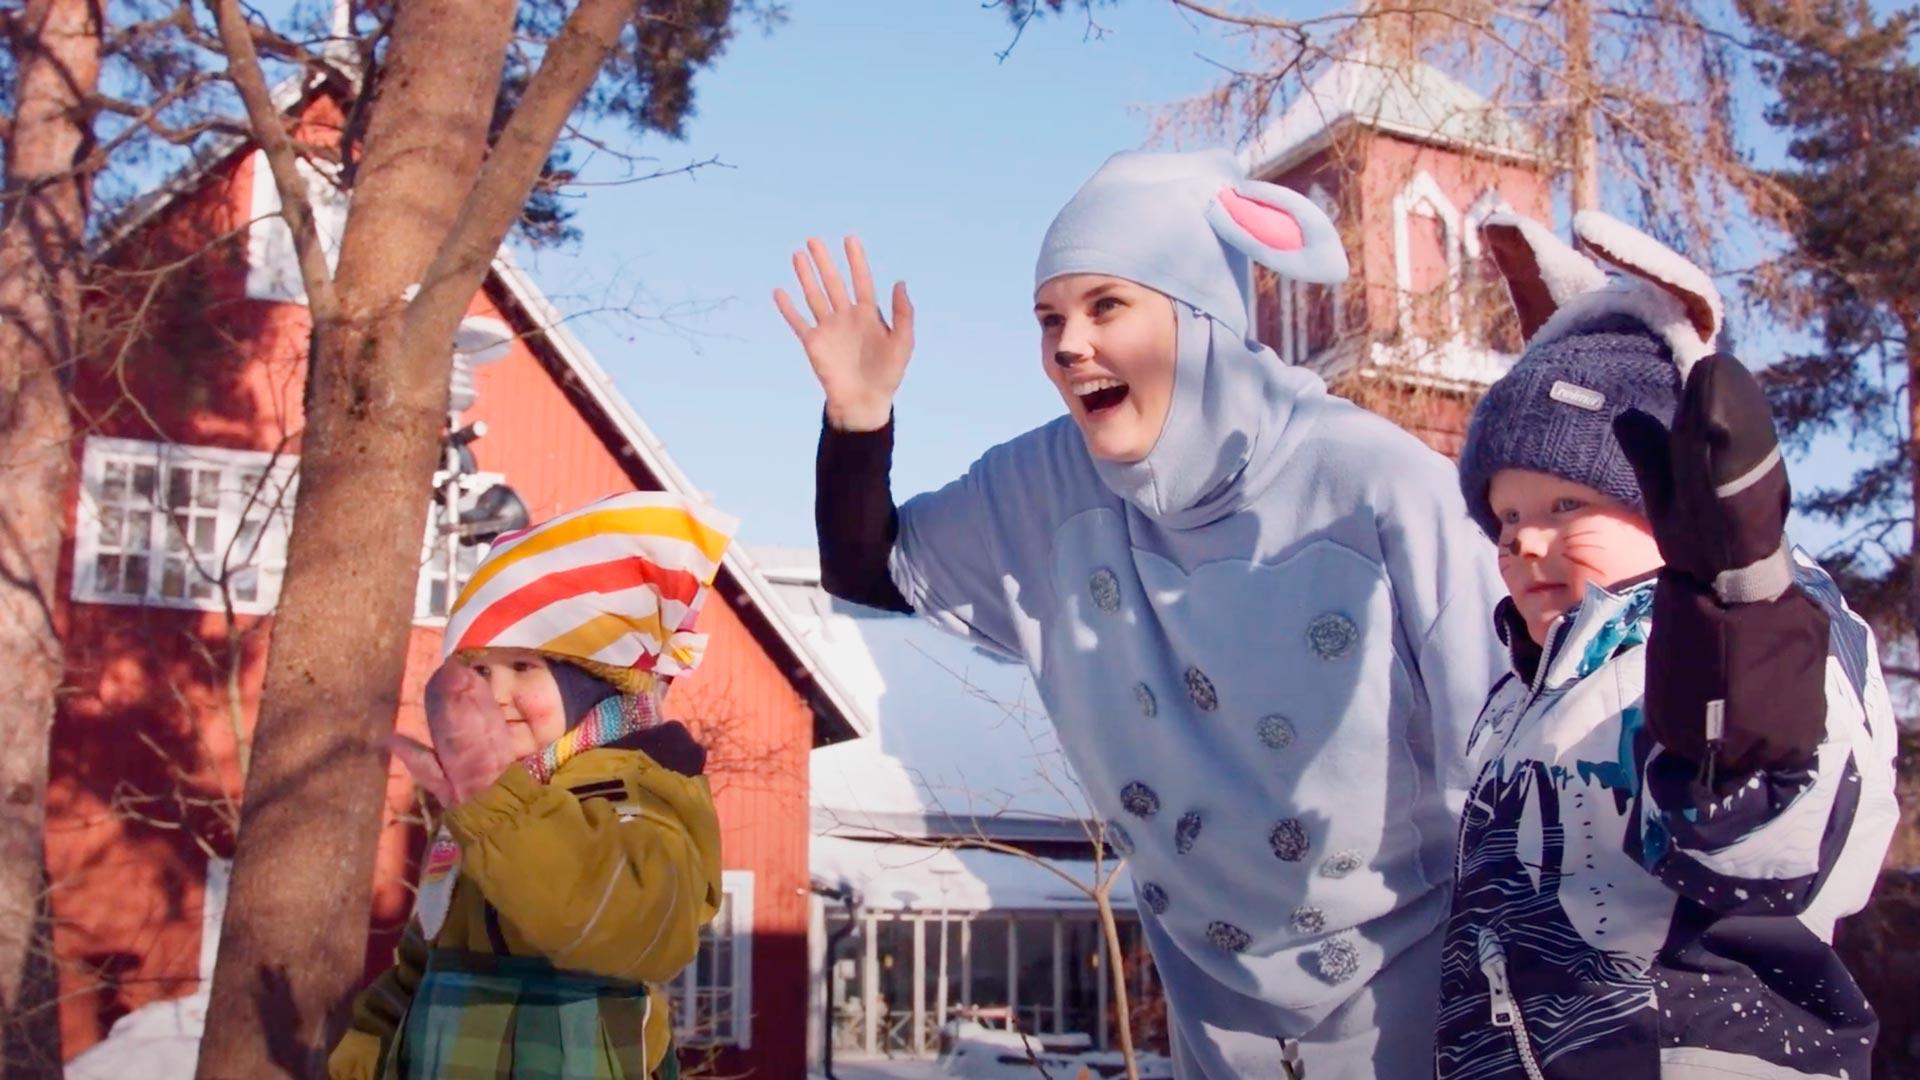 Kaksi lasta aurinkoisessa maisemassa heiluttaa ja heidän keskellään Lastenkirkon Päkä-lampaaksi pukeutunut näyttelijä